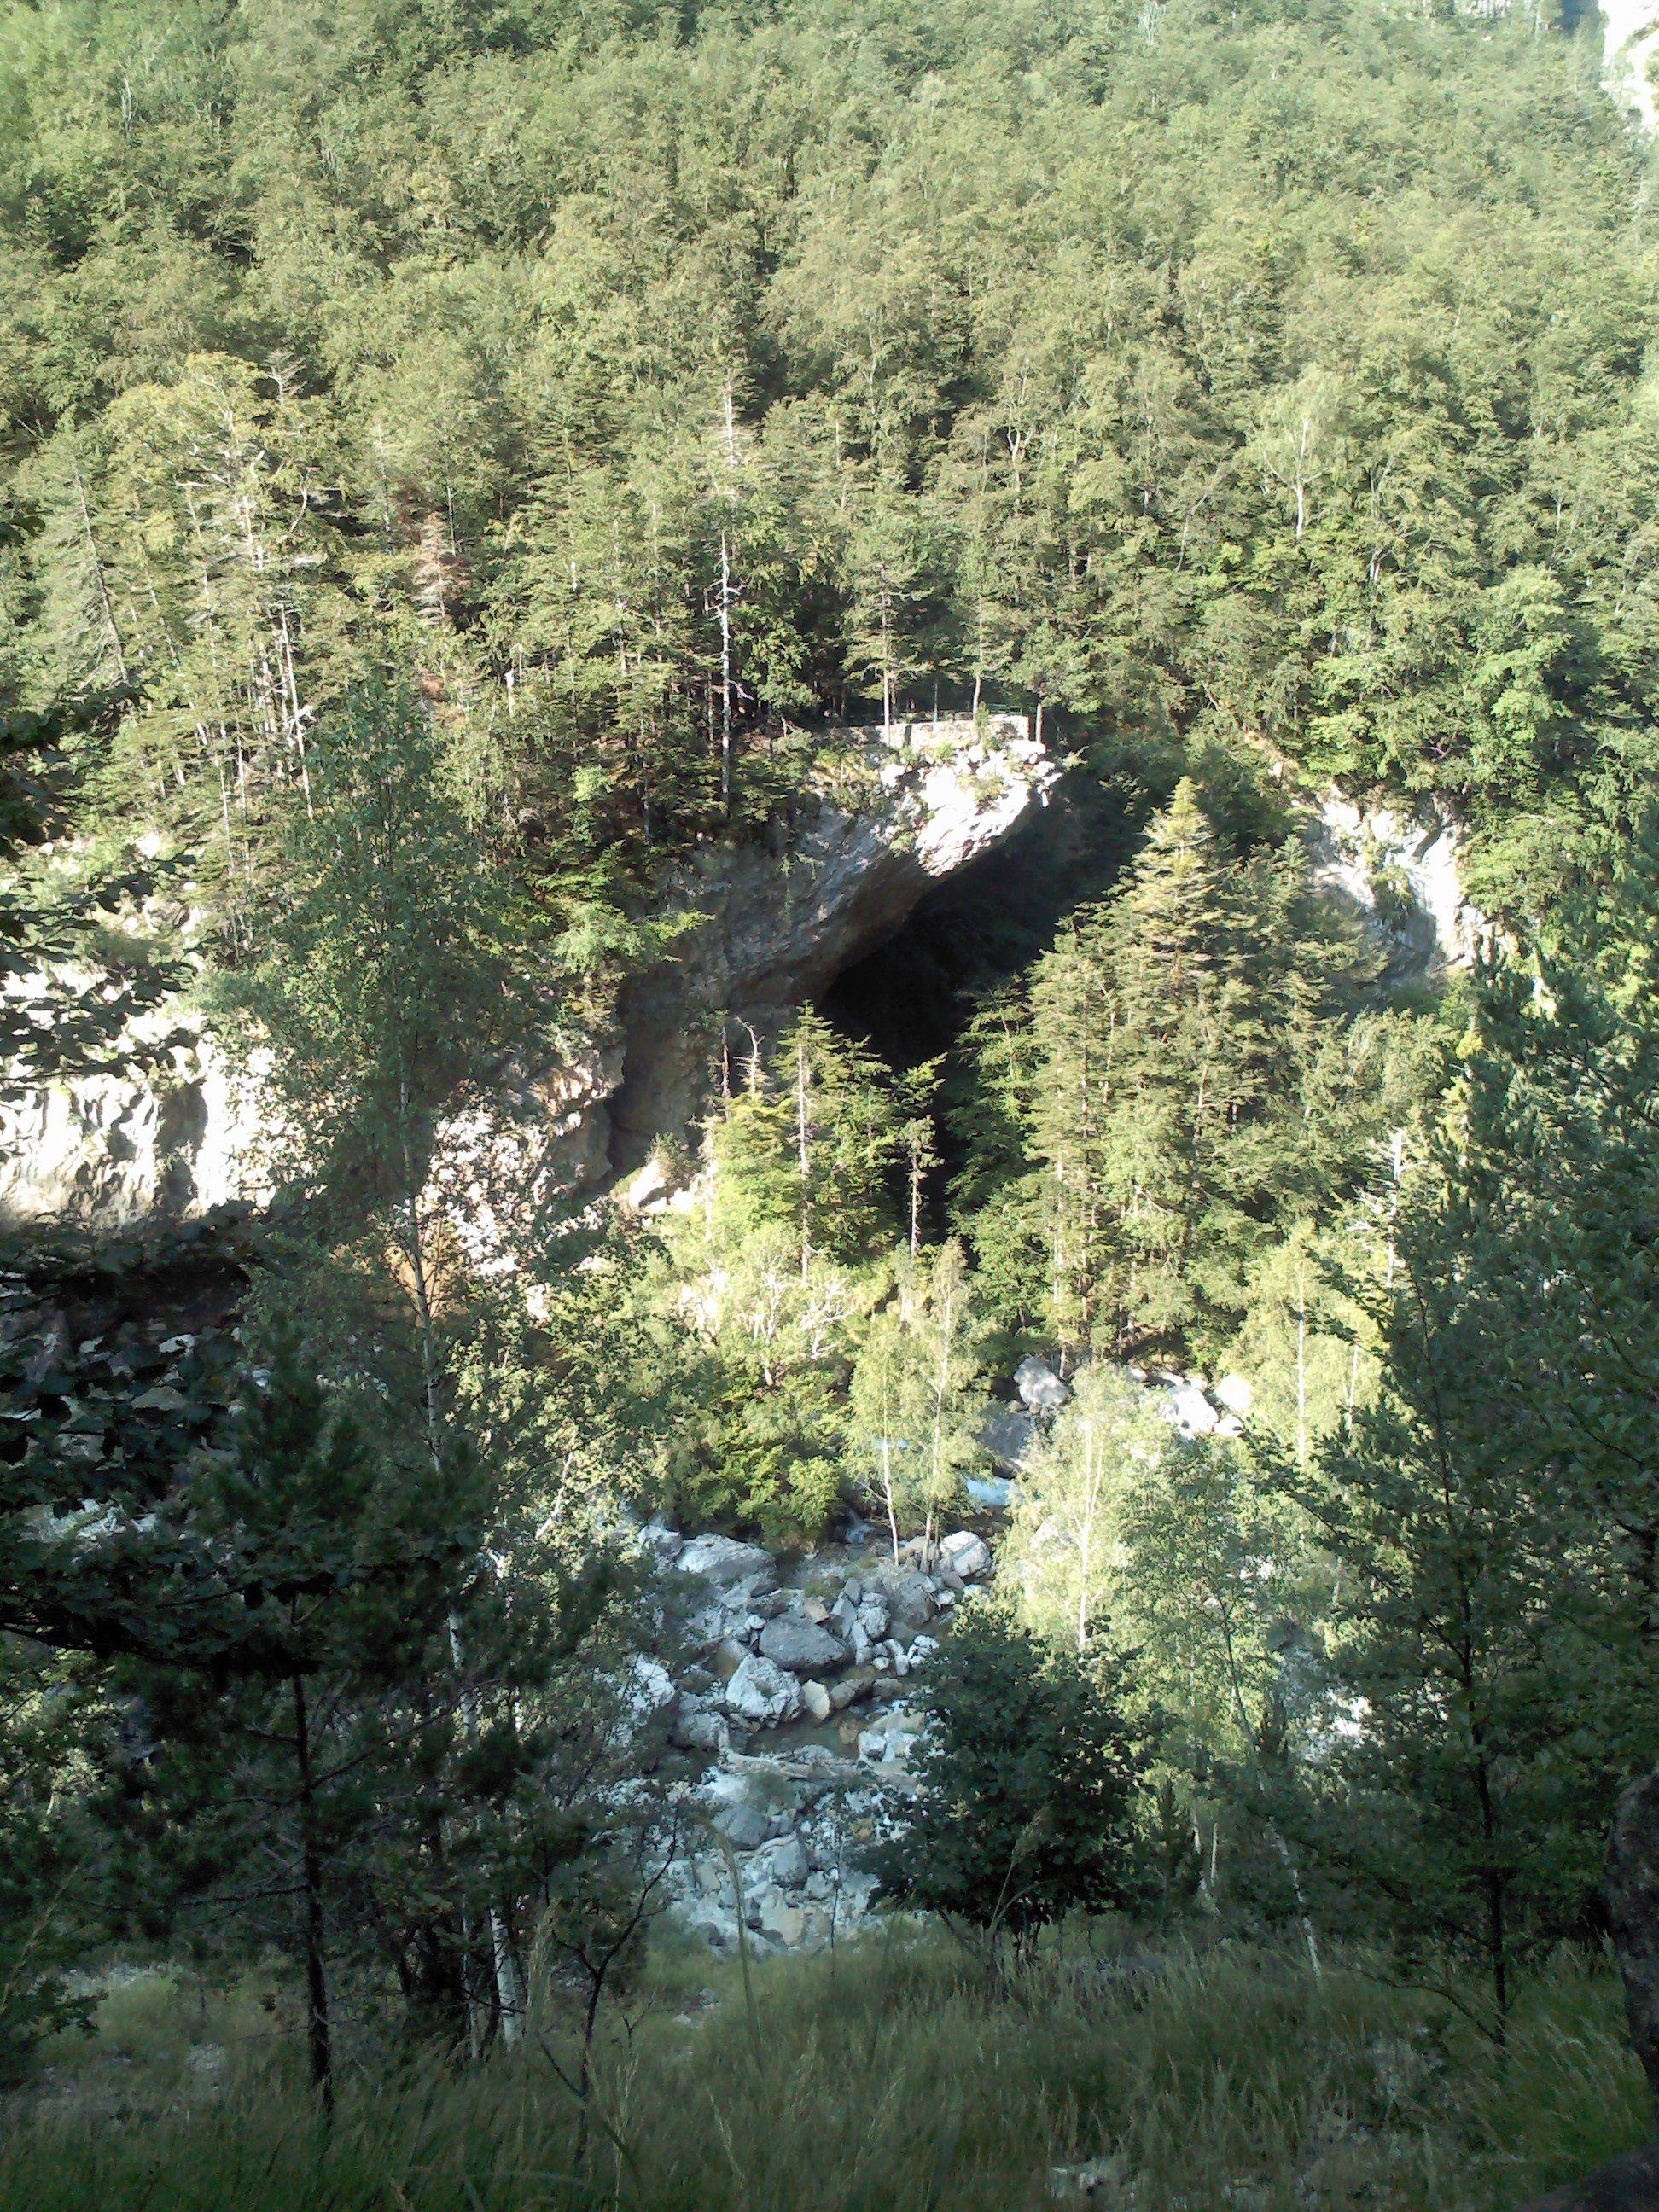 Parque Nacional de #Ordesa y Monte Perdido #travel #viajar National Park #Huesca Aragón #Aragon #montanas montañas #mountains #paisajes #landscape #river río #rio